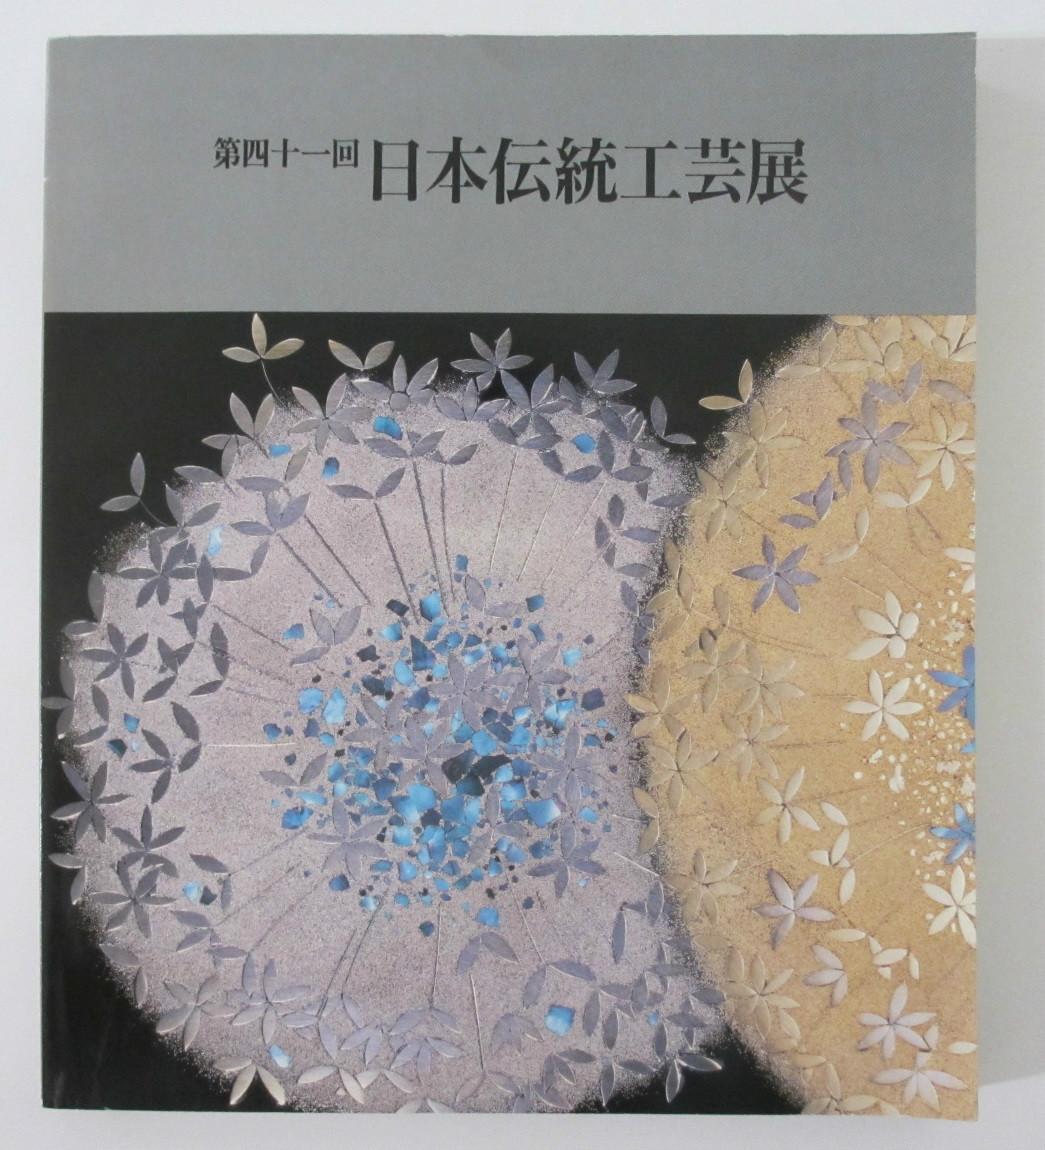 ハイクオリティ 半額 中古 第41回 日本伝統工芸展図録